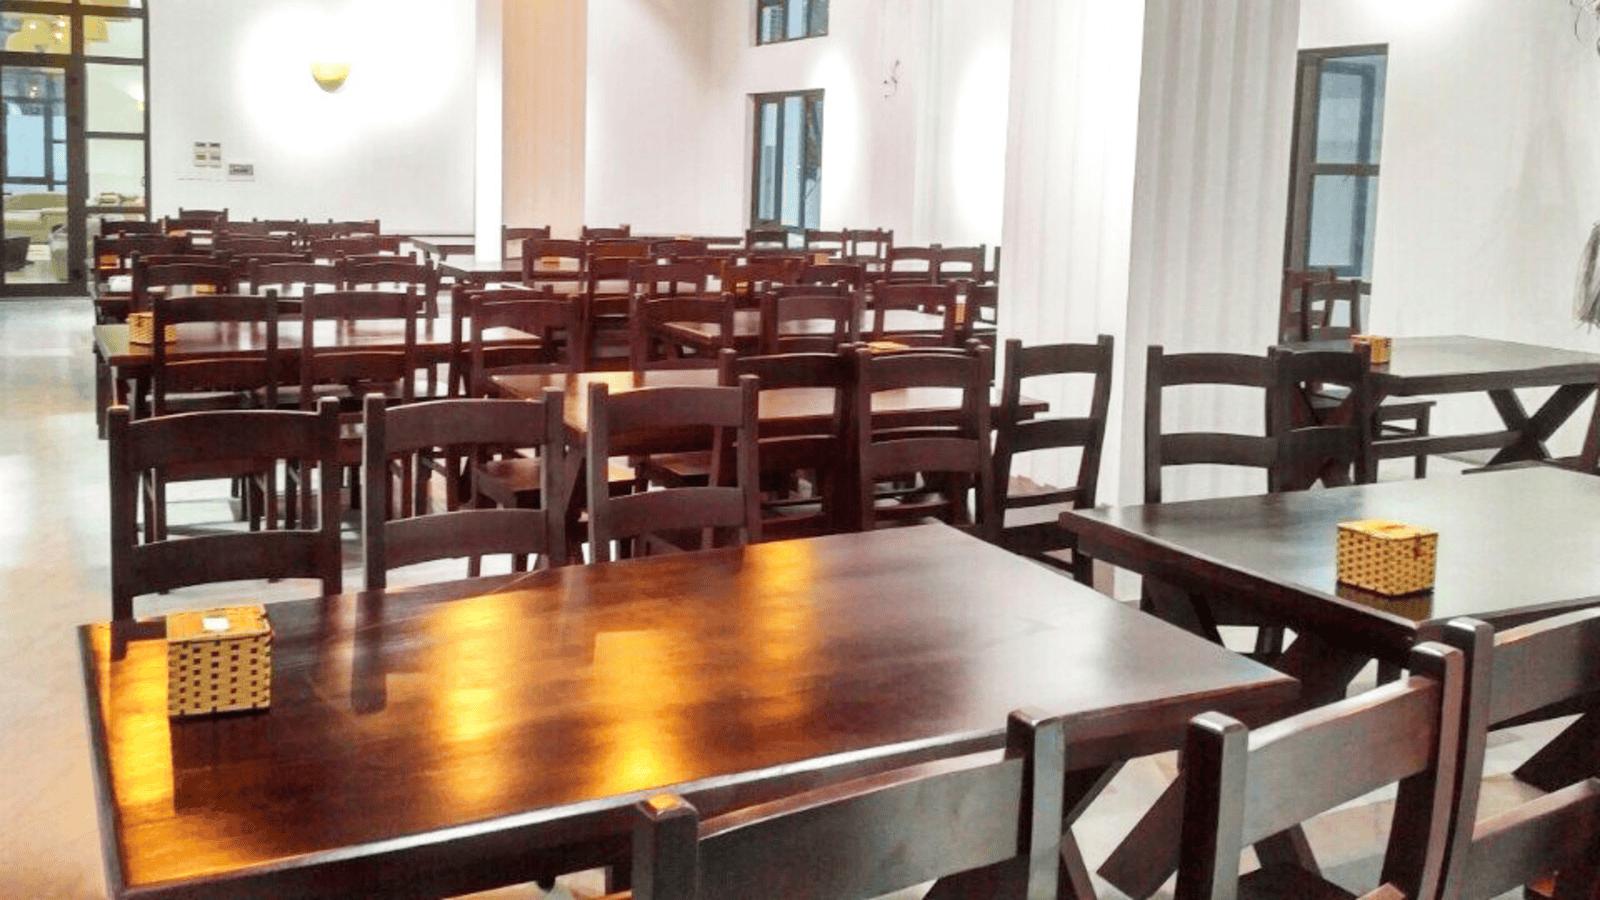 Rất nhiều nhà hàng trong khu resort có không gian sạch sẽ, rộng lớn